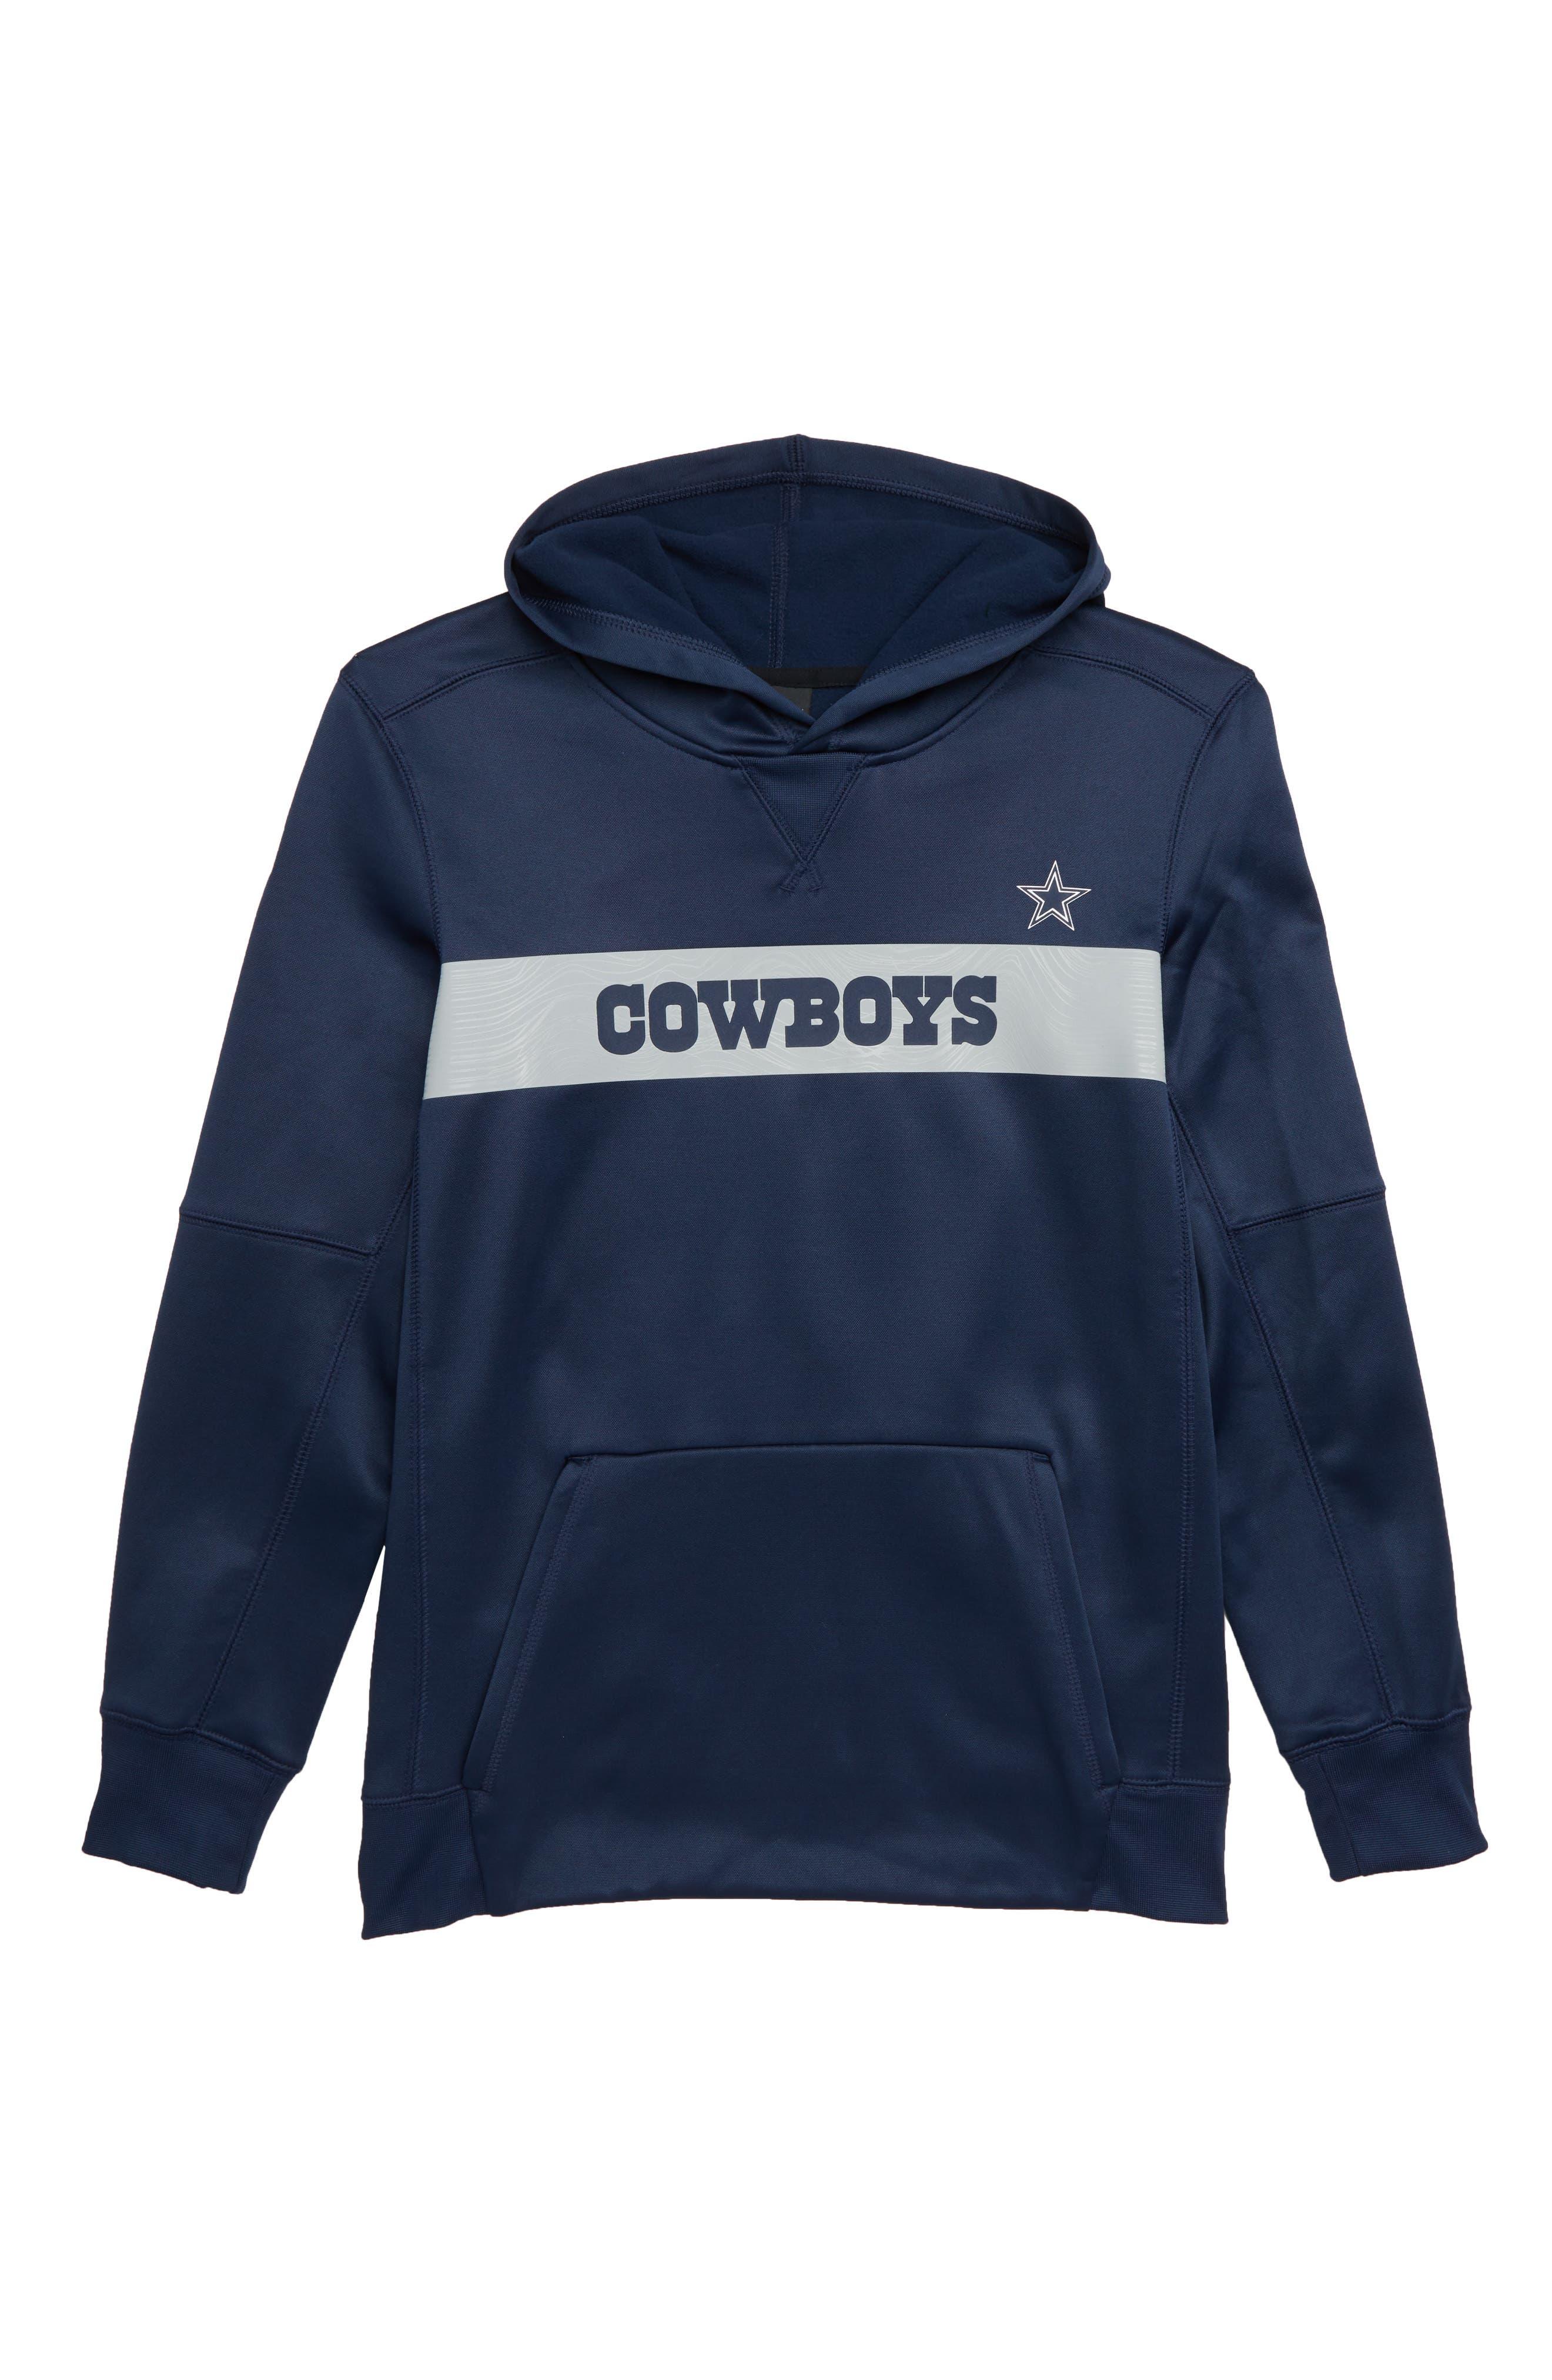 DALLAS COWBOYS,                             Nike NFL Dallas Cowboys Therma Pullover Hoodie,                             Main thumbnail 1, color,                             410